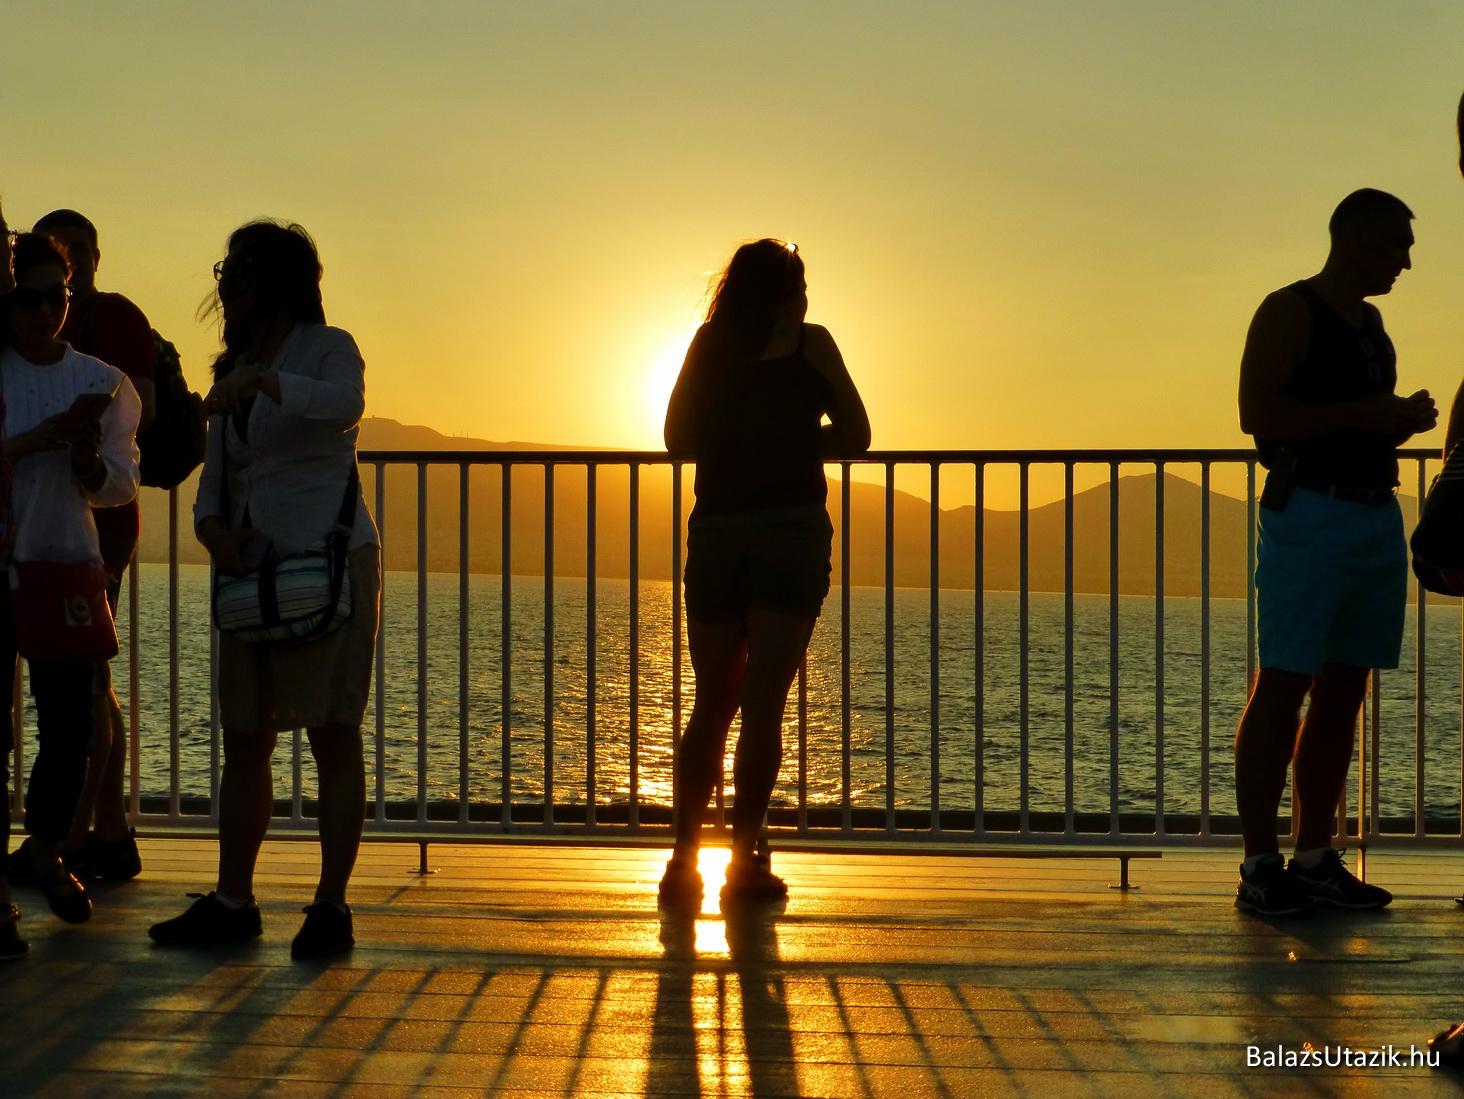 Ezért fontos naplementét nézni (nem csak nyaraláskor)